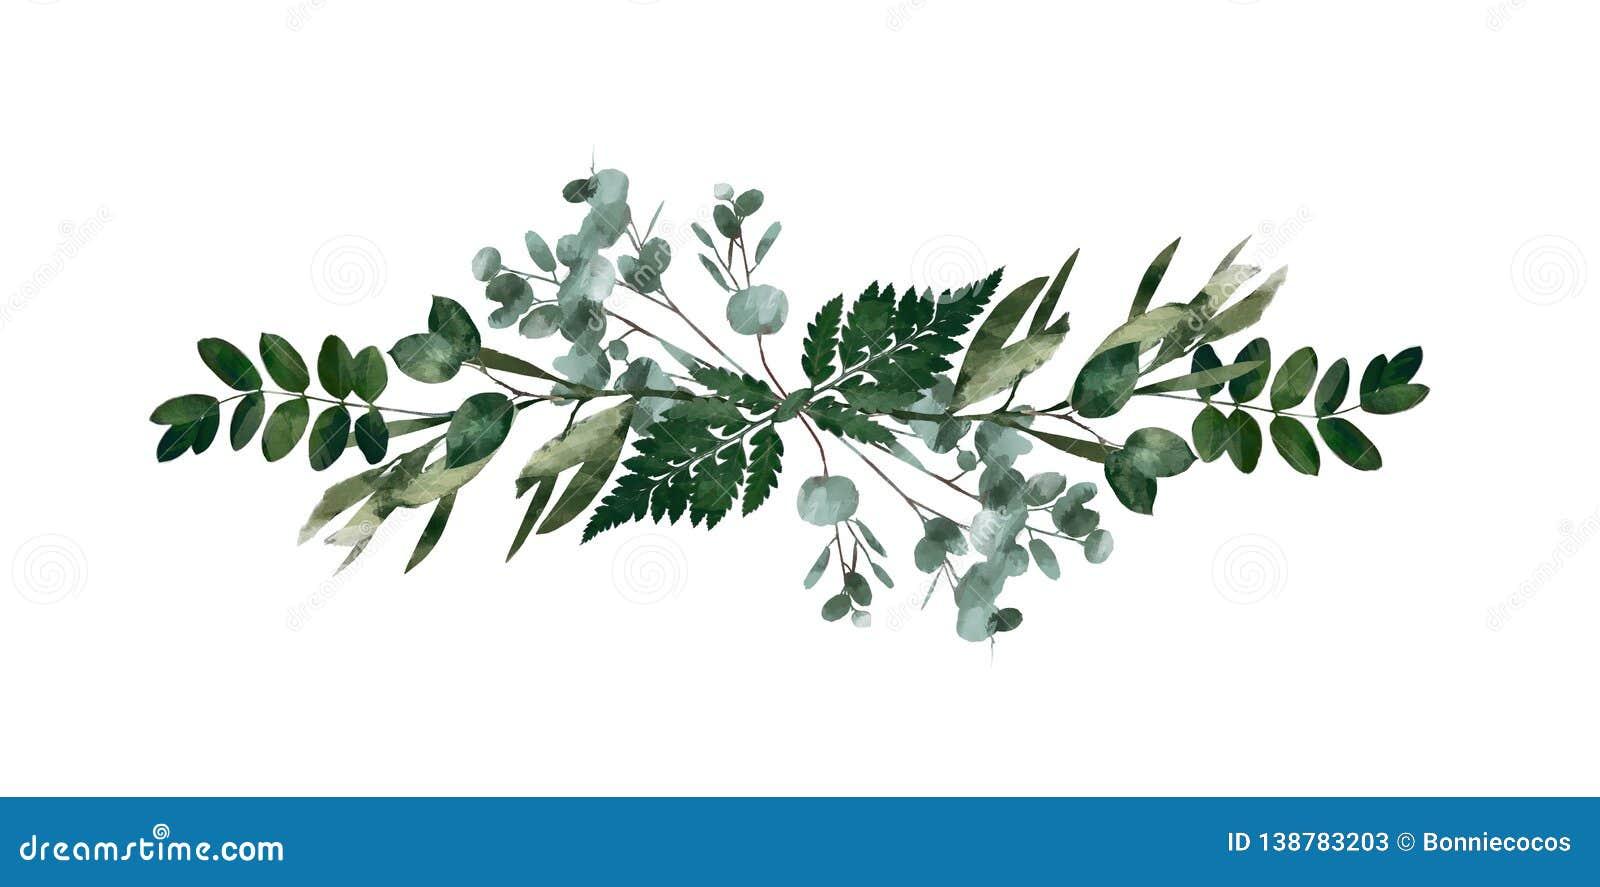 Modernes dekoratives Element des Aquarells Runder grüner Kranz Blatt des Eukalyptus, Grünniederlassungen, Girlande, Grenze, Rahme